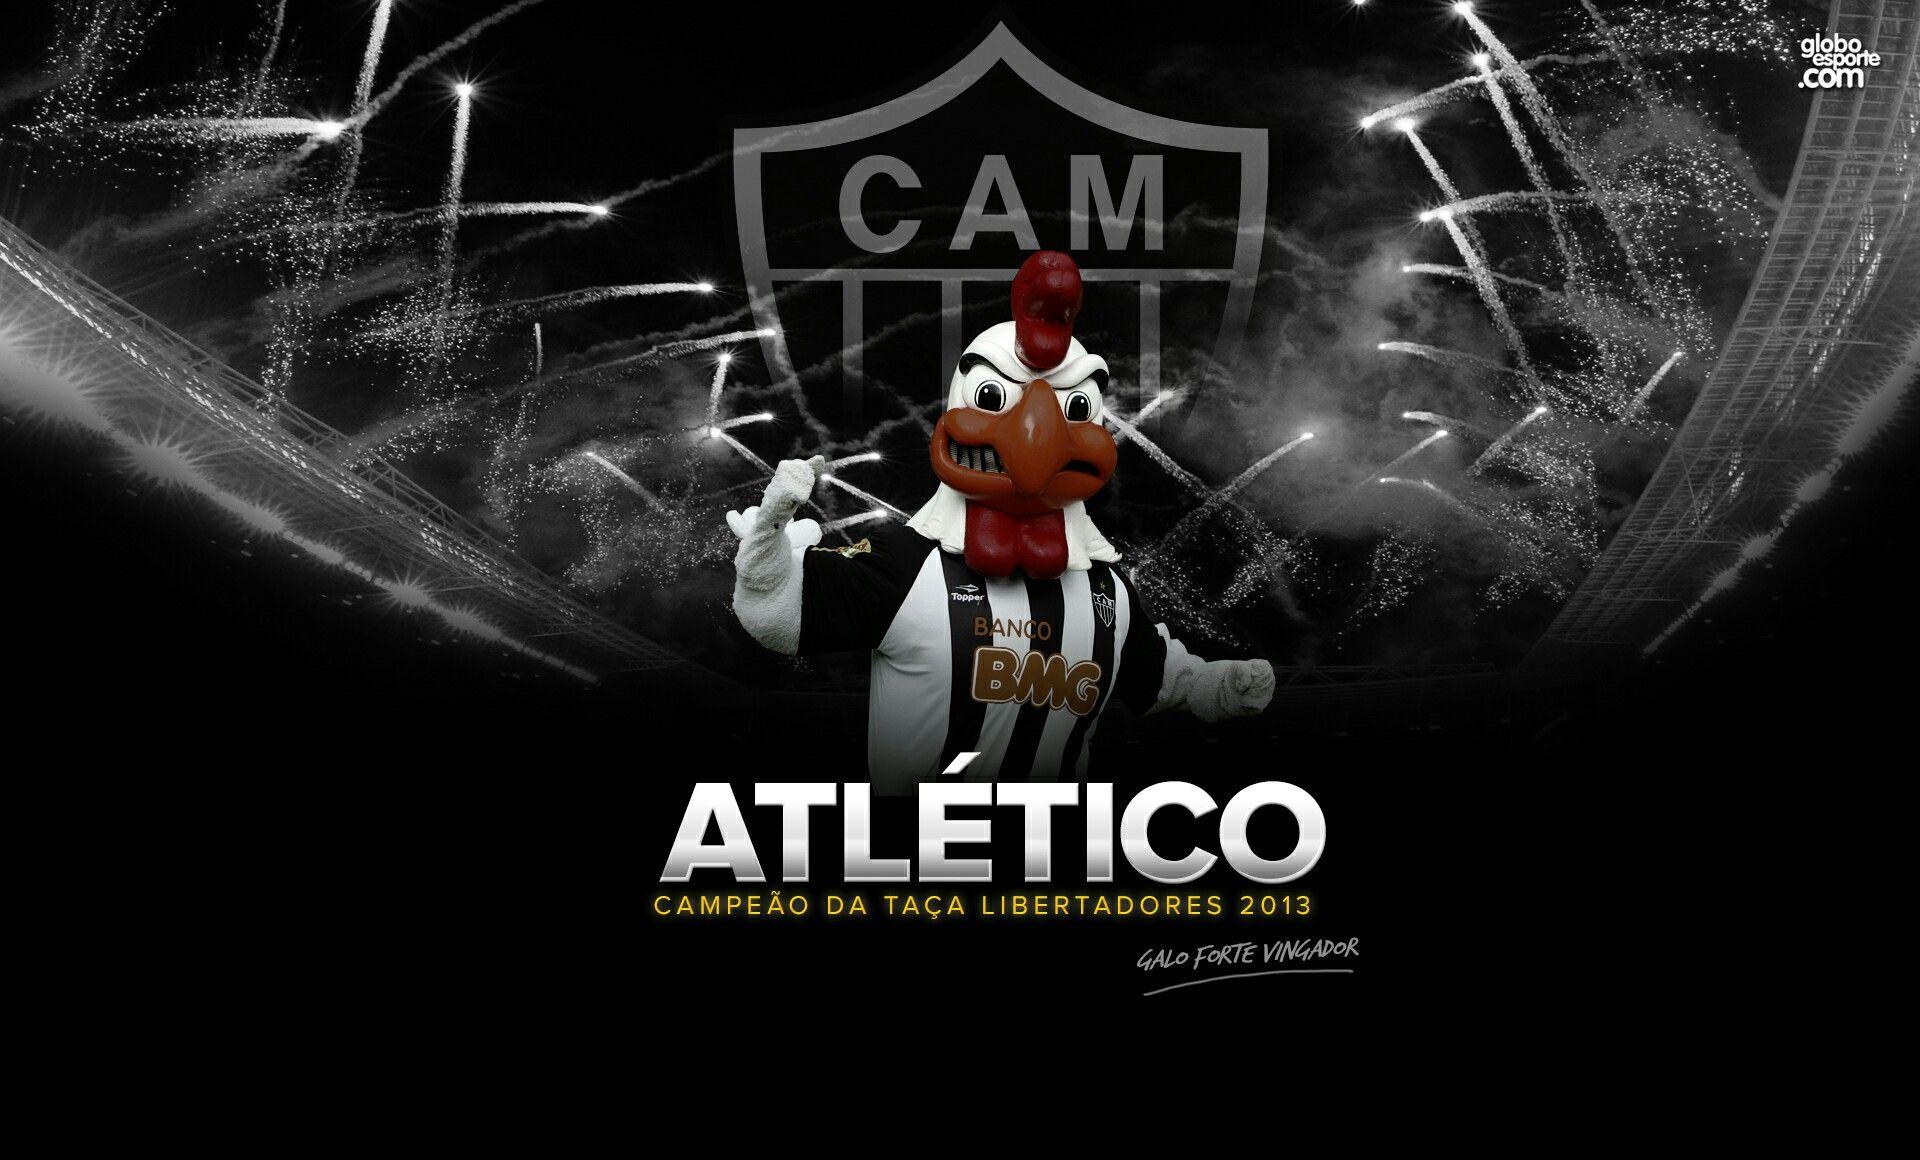 Clube Atletico Mineiro Jb Libertadores 2013 Atletico Fotos Do Atletico Mineiro